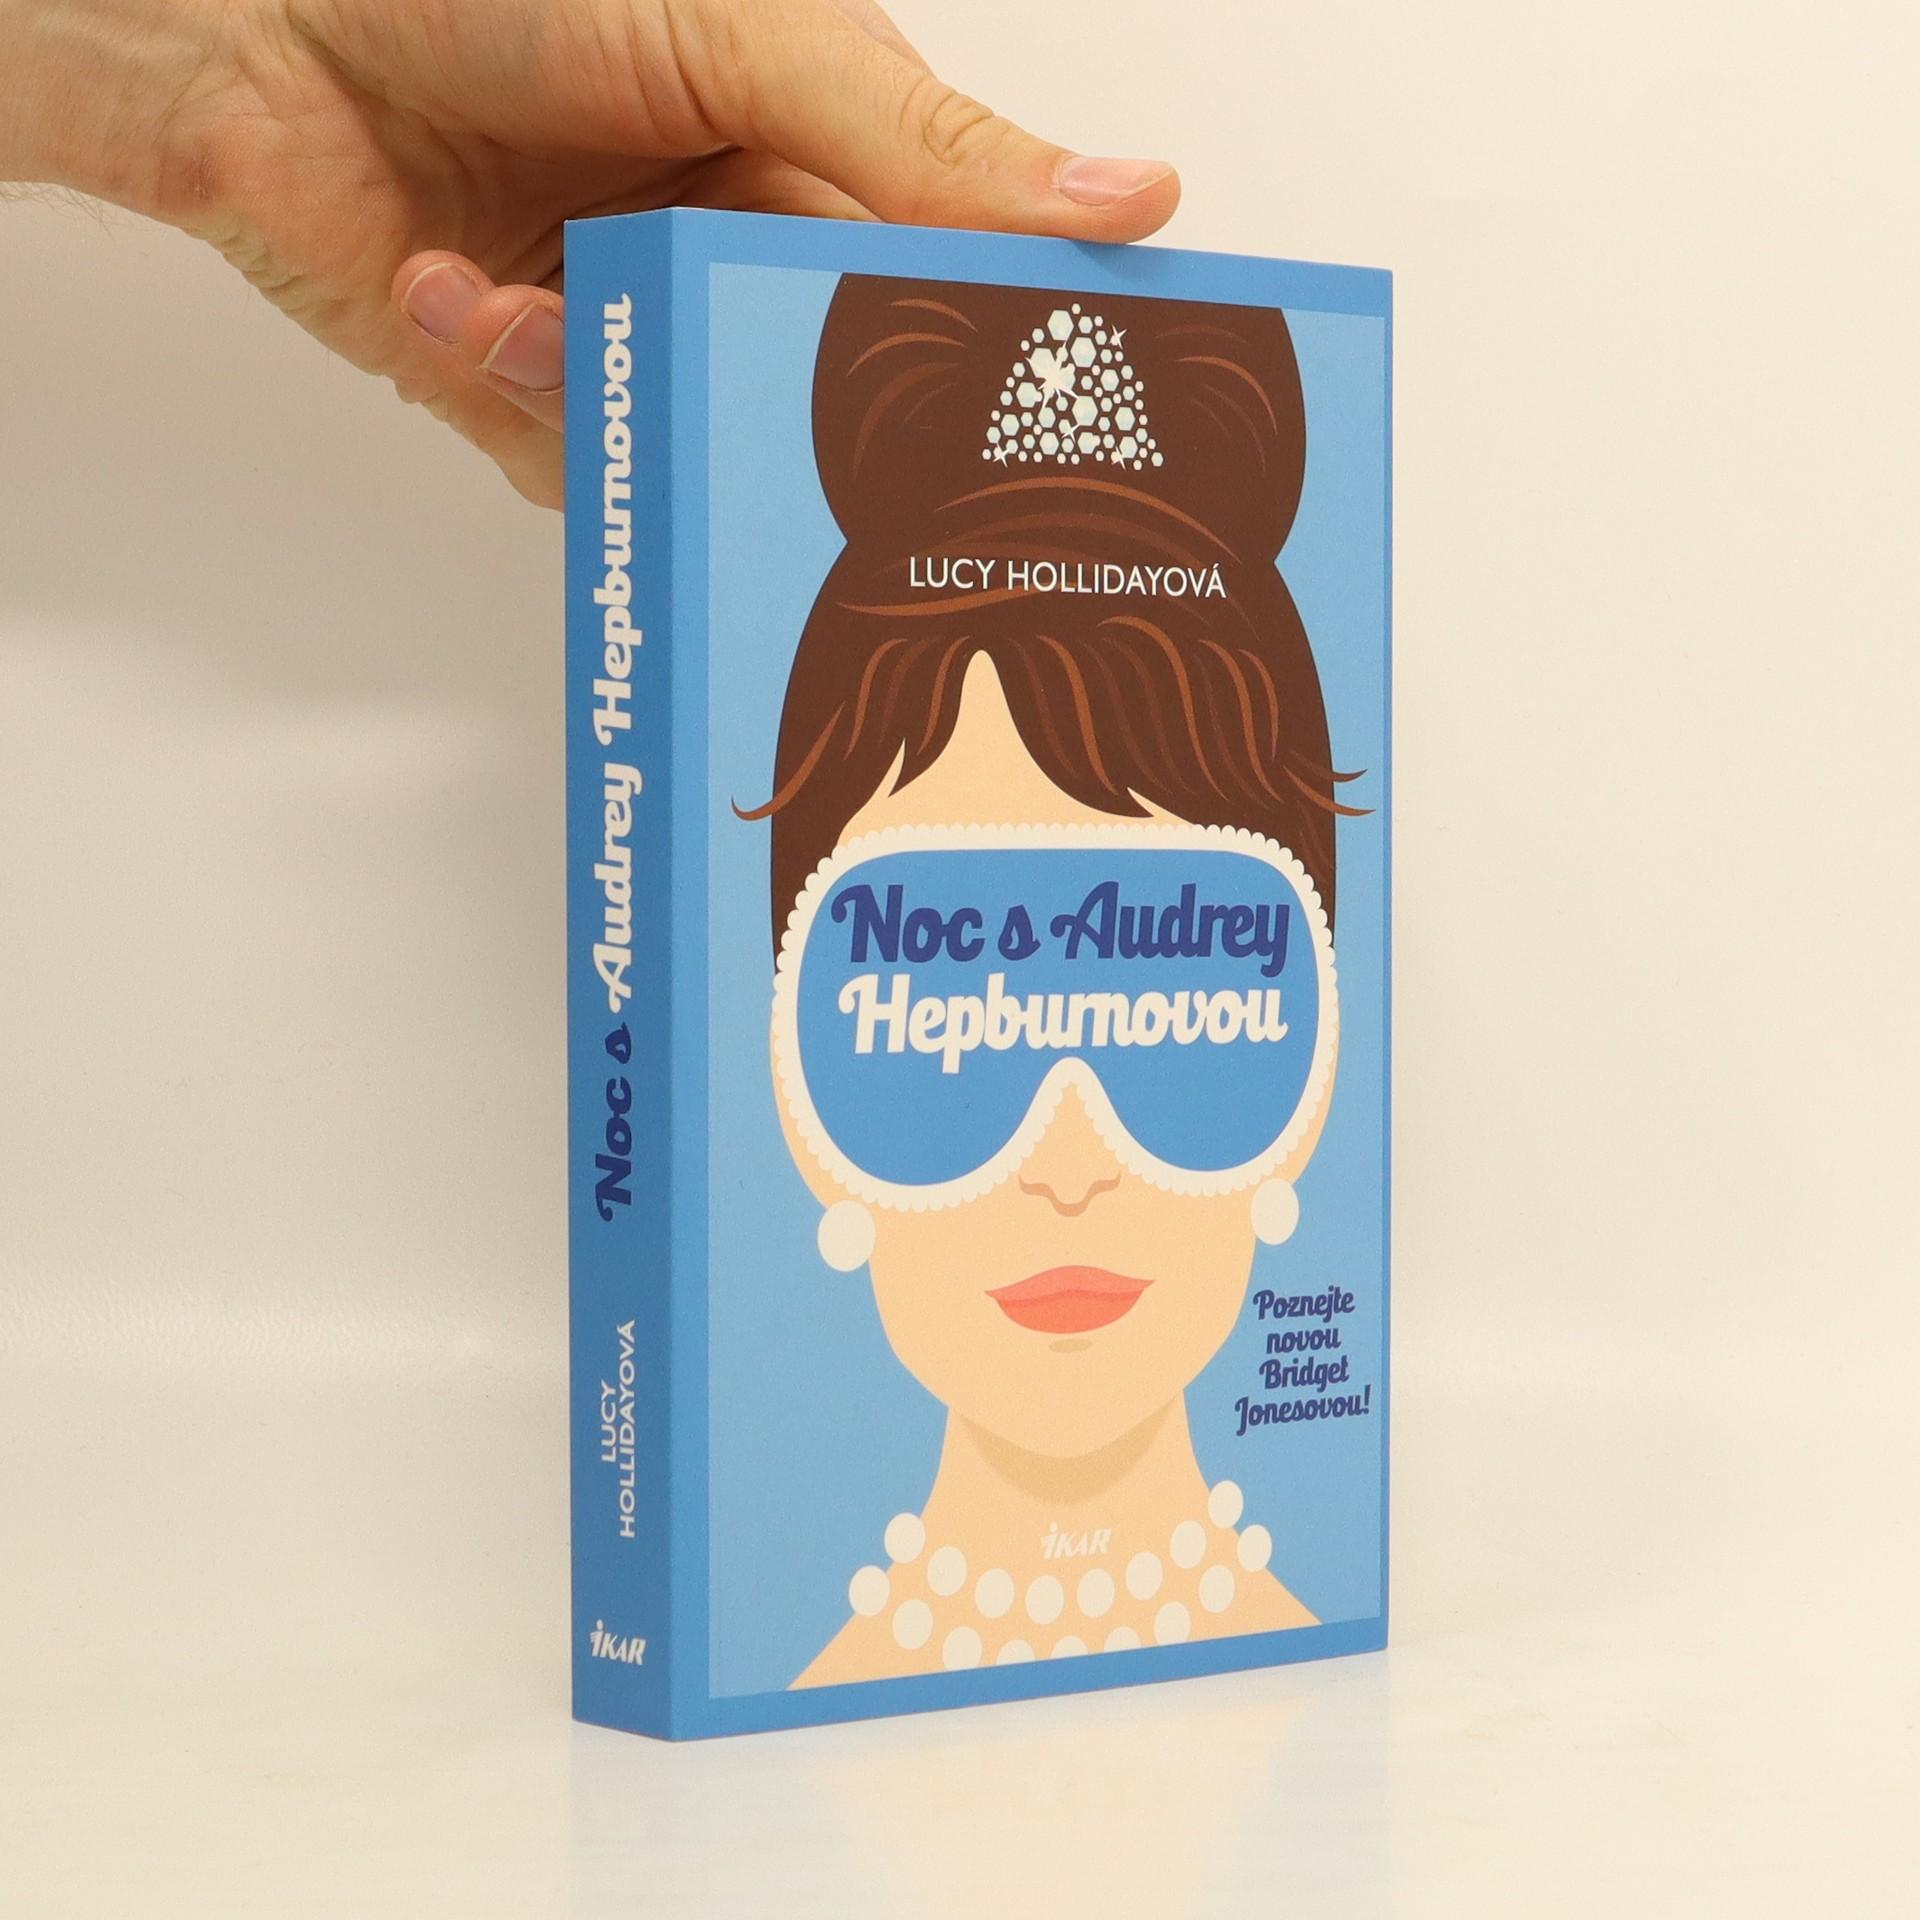 antikvární kniha Noc s Audrey Hepburnovou : poznejte novou Bridget Jonesovou!, 2016